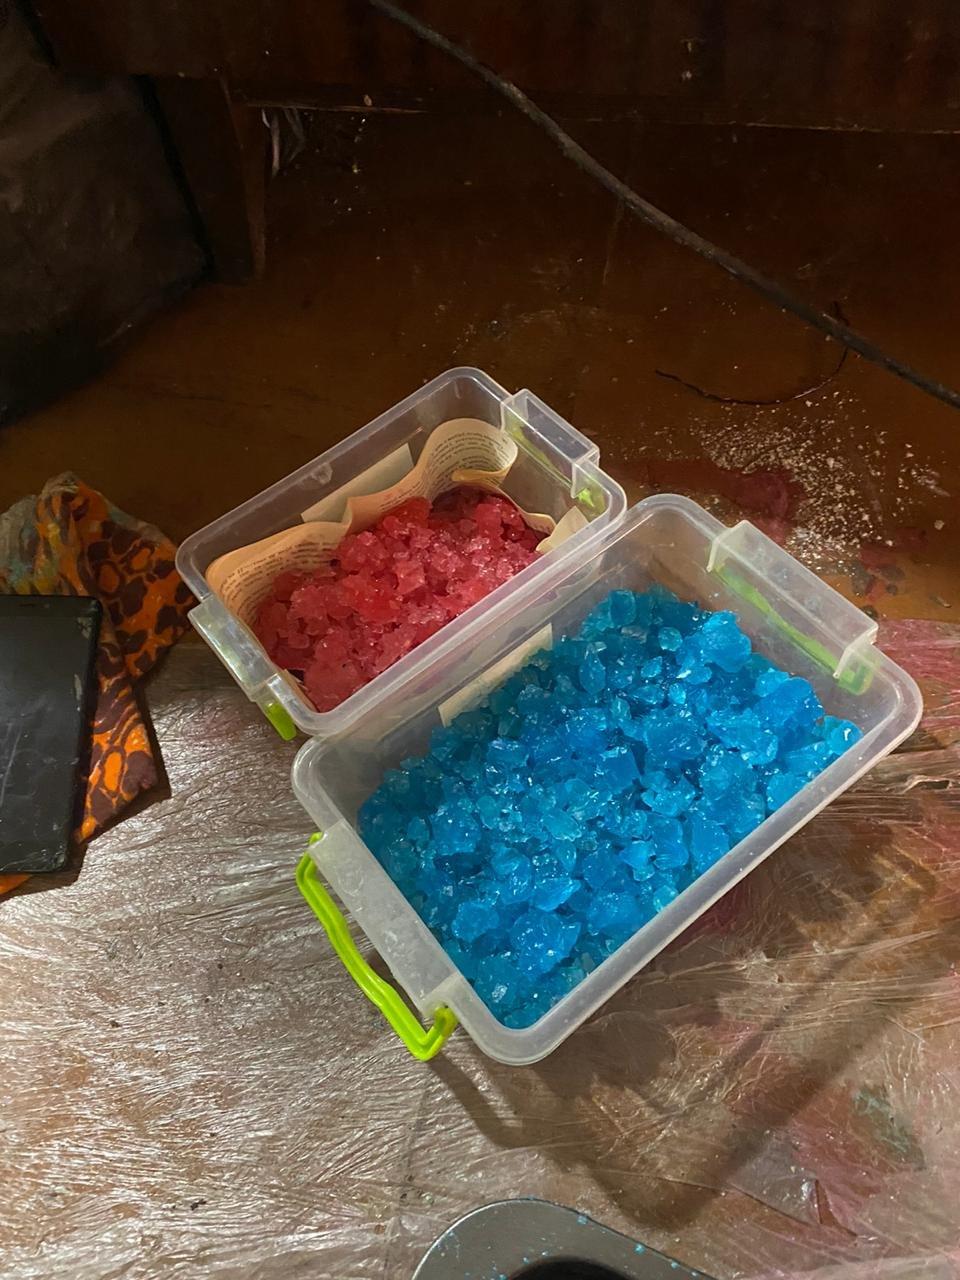 На Харьковщине двое местных жителей в доме готовили наркотики и хранили полтора килограмма «психотропов», - ФОТО  , фото-4